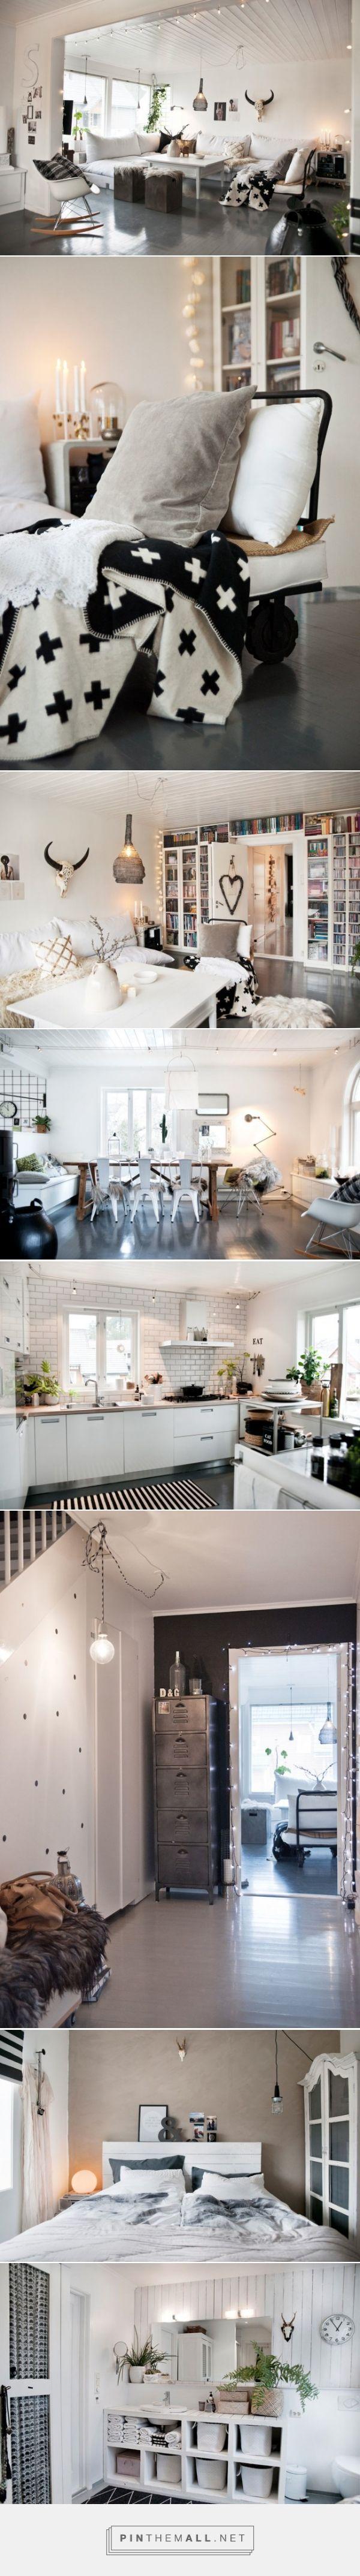 Un Noël norvégien plein de délicatesse | PLANETE DECO a homes world... - a grouped images picture - Pin Them All